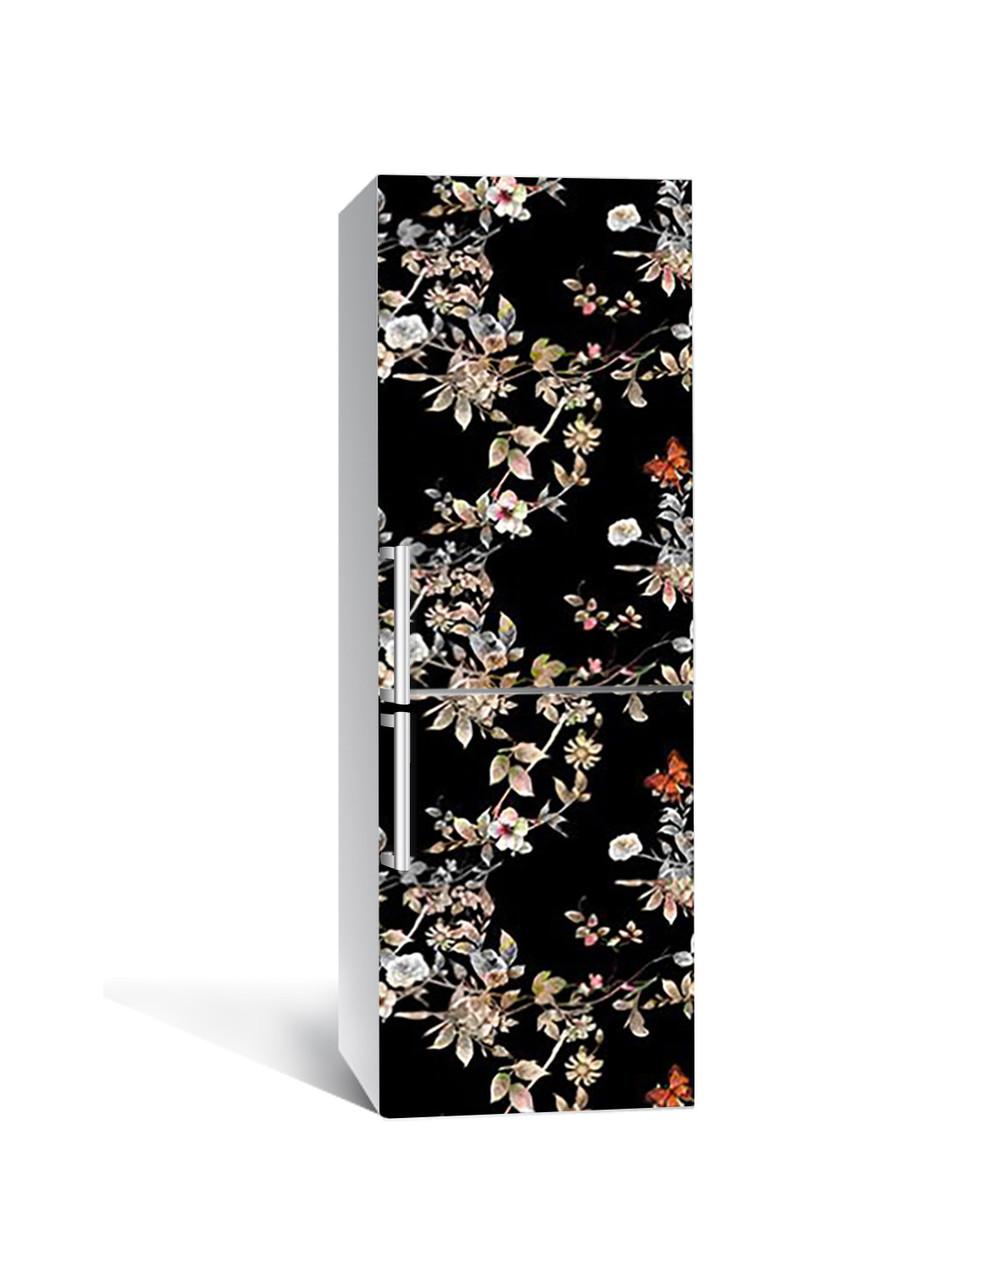 Наклейка на холодильник Дрібні квіти на темному тлі (плівка ПВХ з ламінуванням) 65*200см квіти Чорний